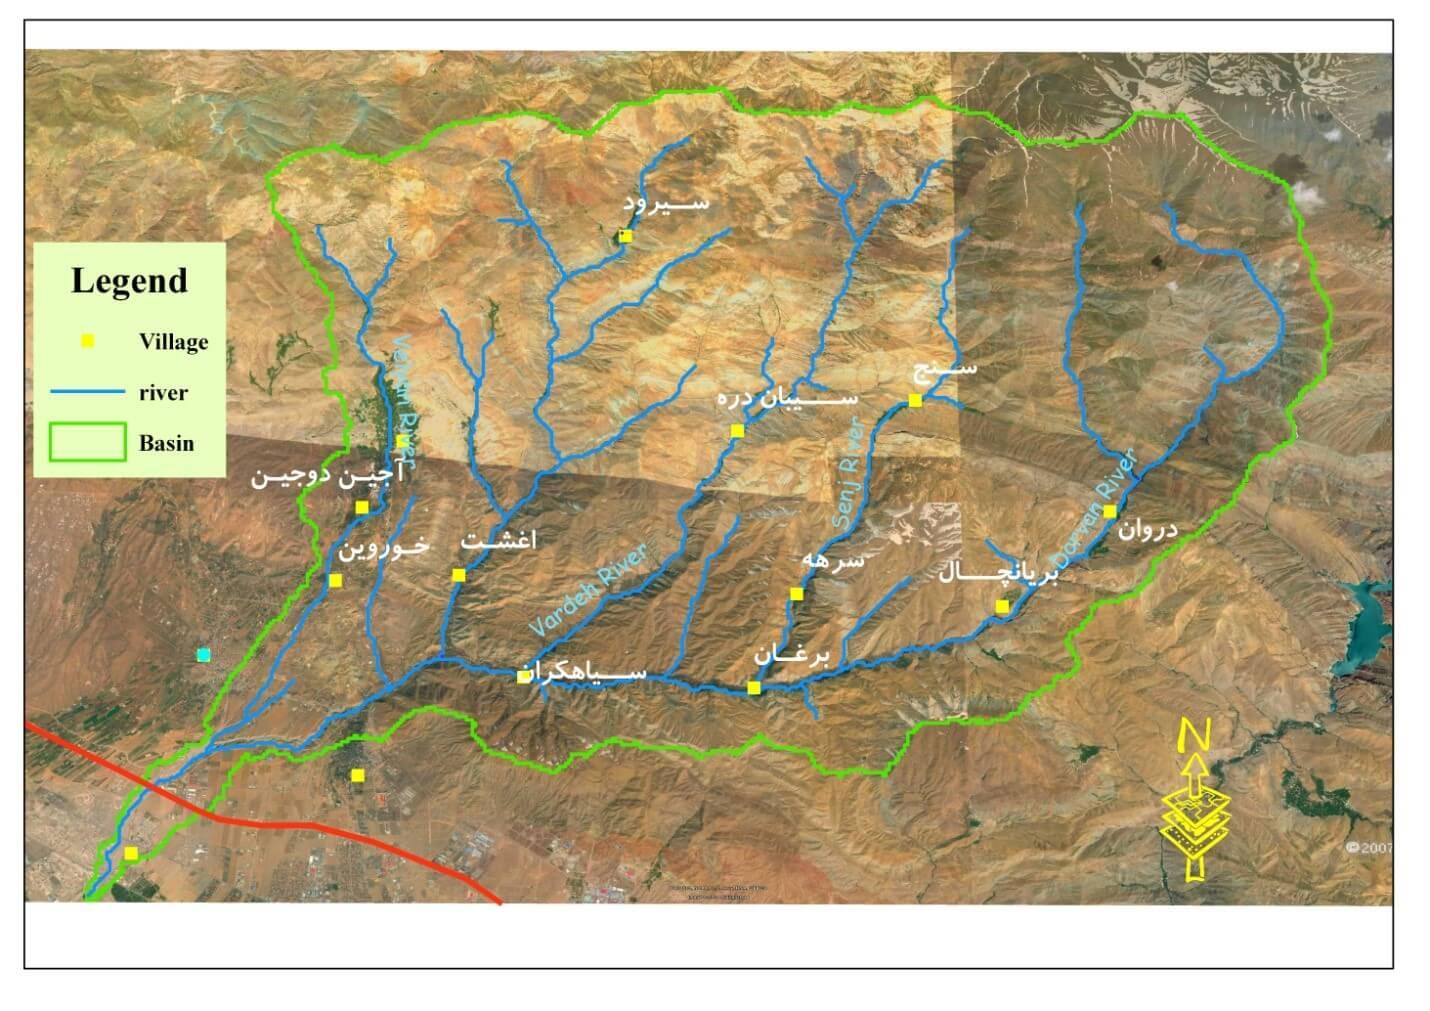 موقعیت عمومی حوضه آبریز رودخانه کردان